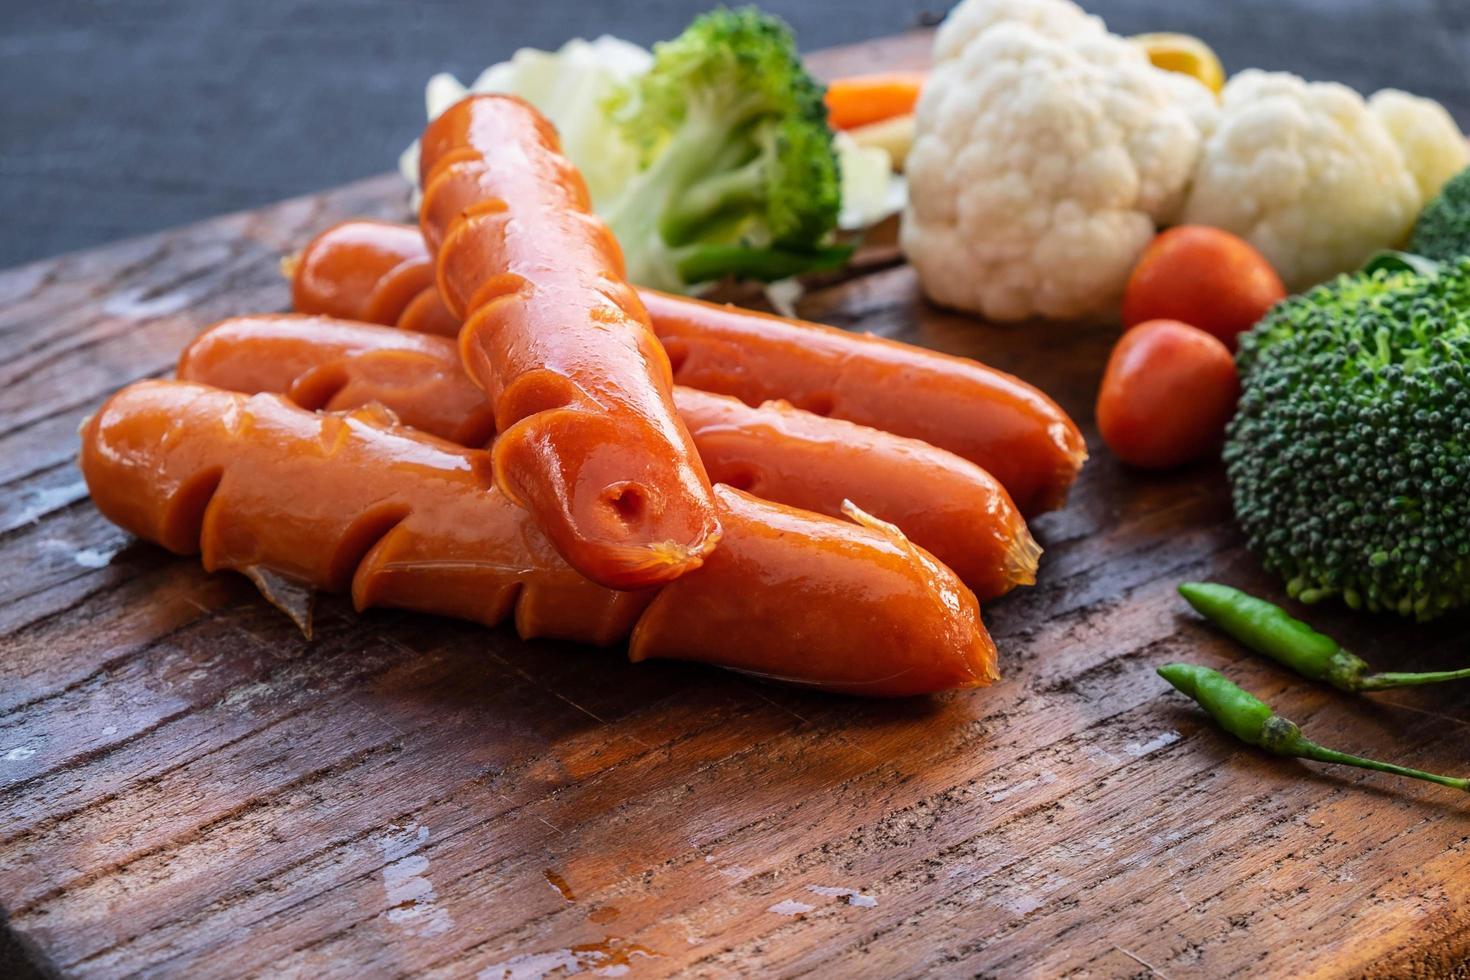 primer plano de perritos calientes y verduras foto